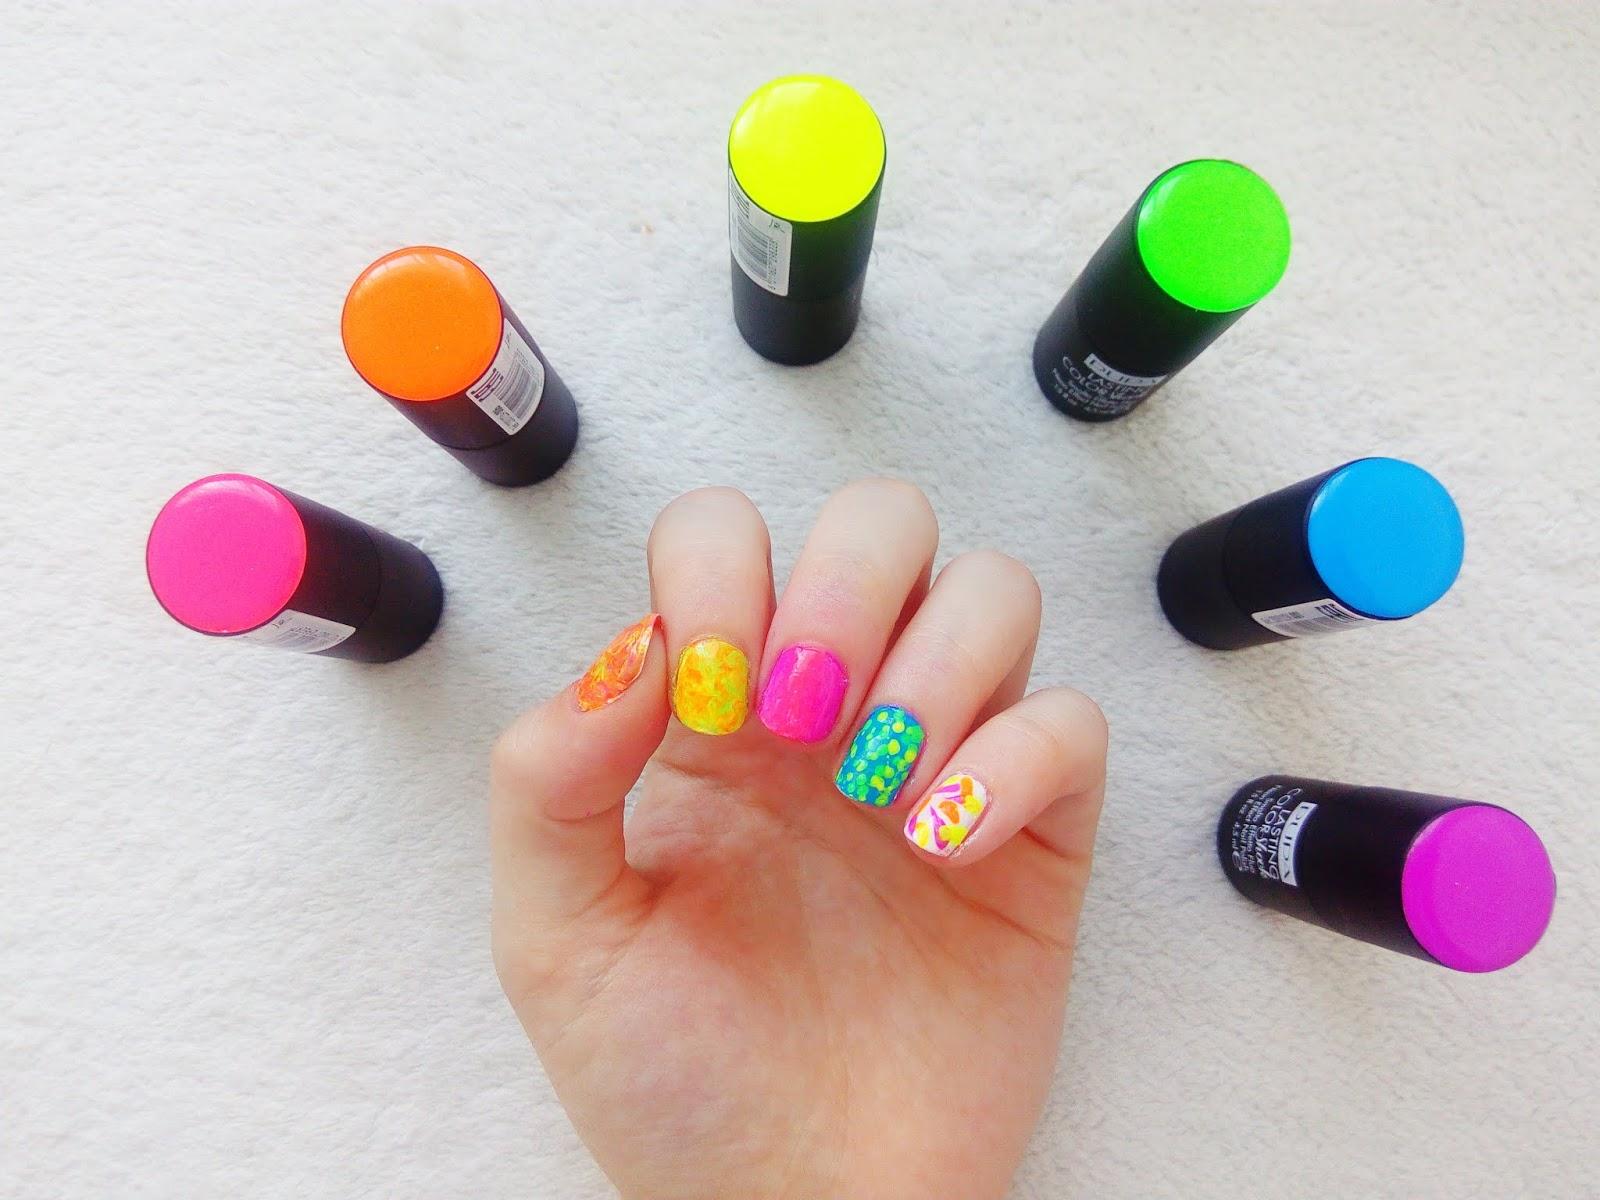 Nails By Dominika Pupa Lasting Color Shock 4 Nail Arts